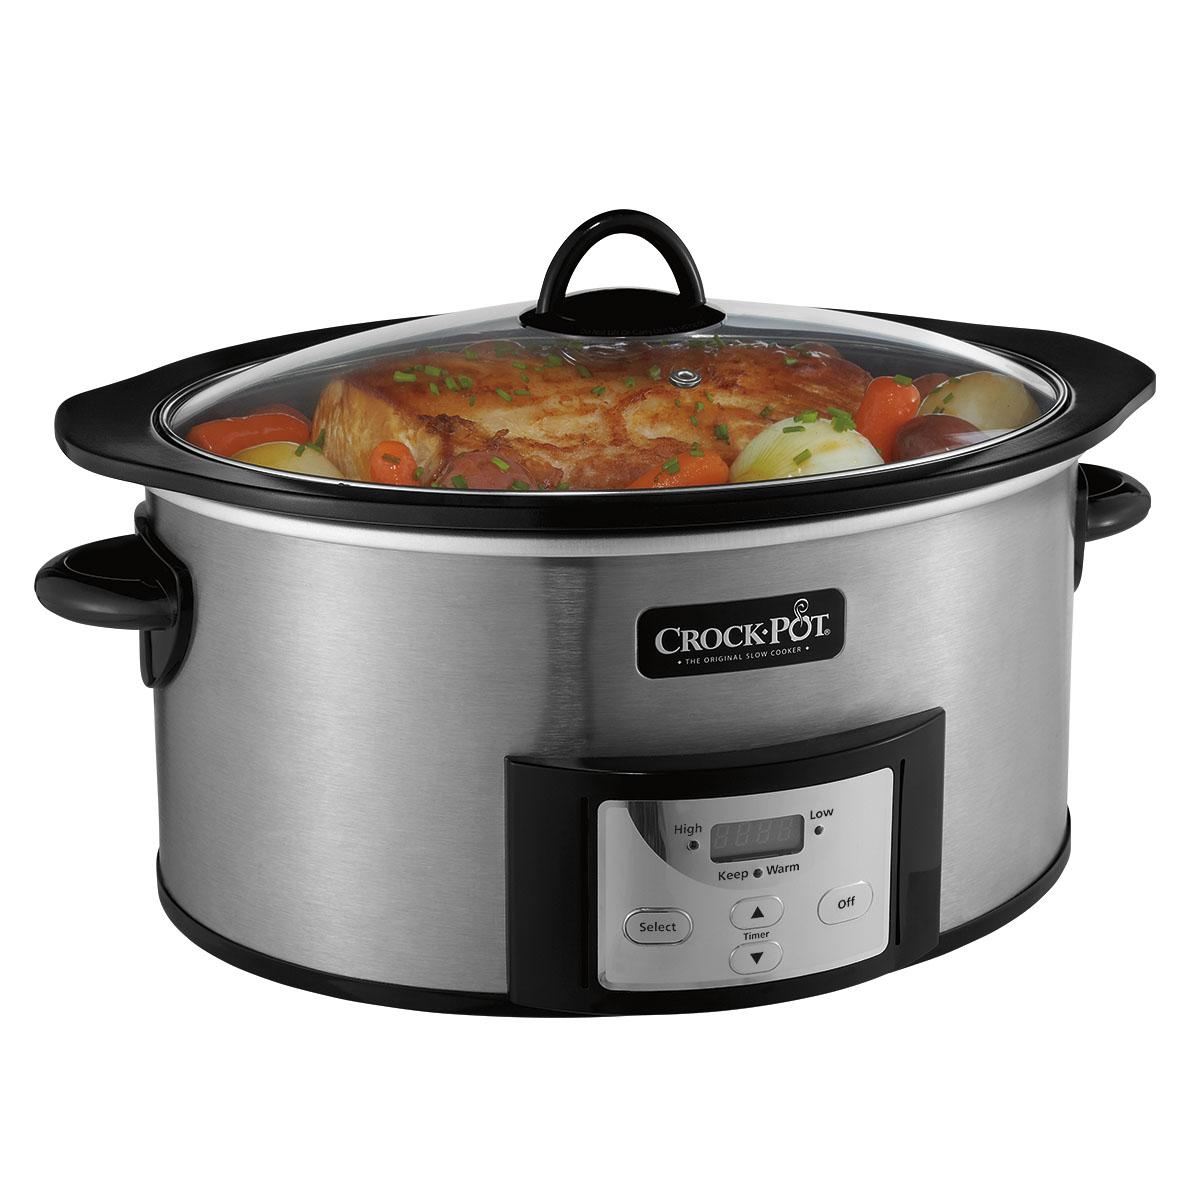 crock pot 8 quart slow cooker manual